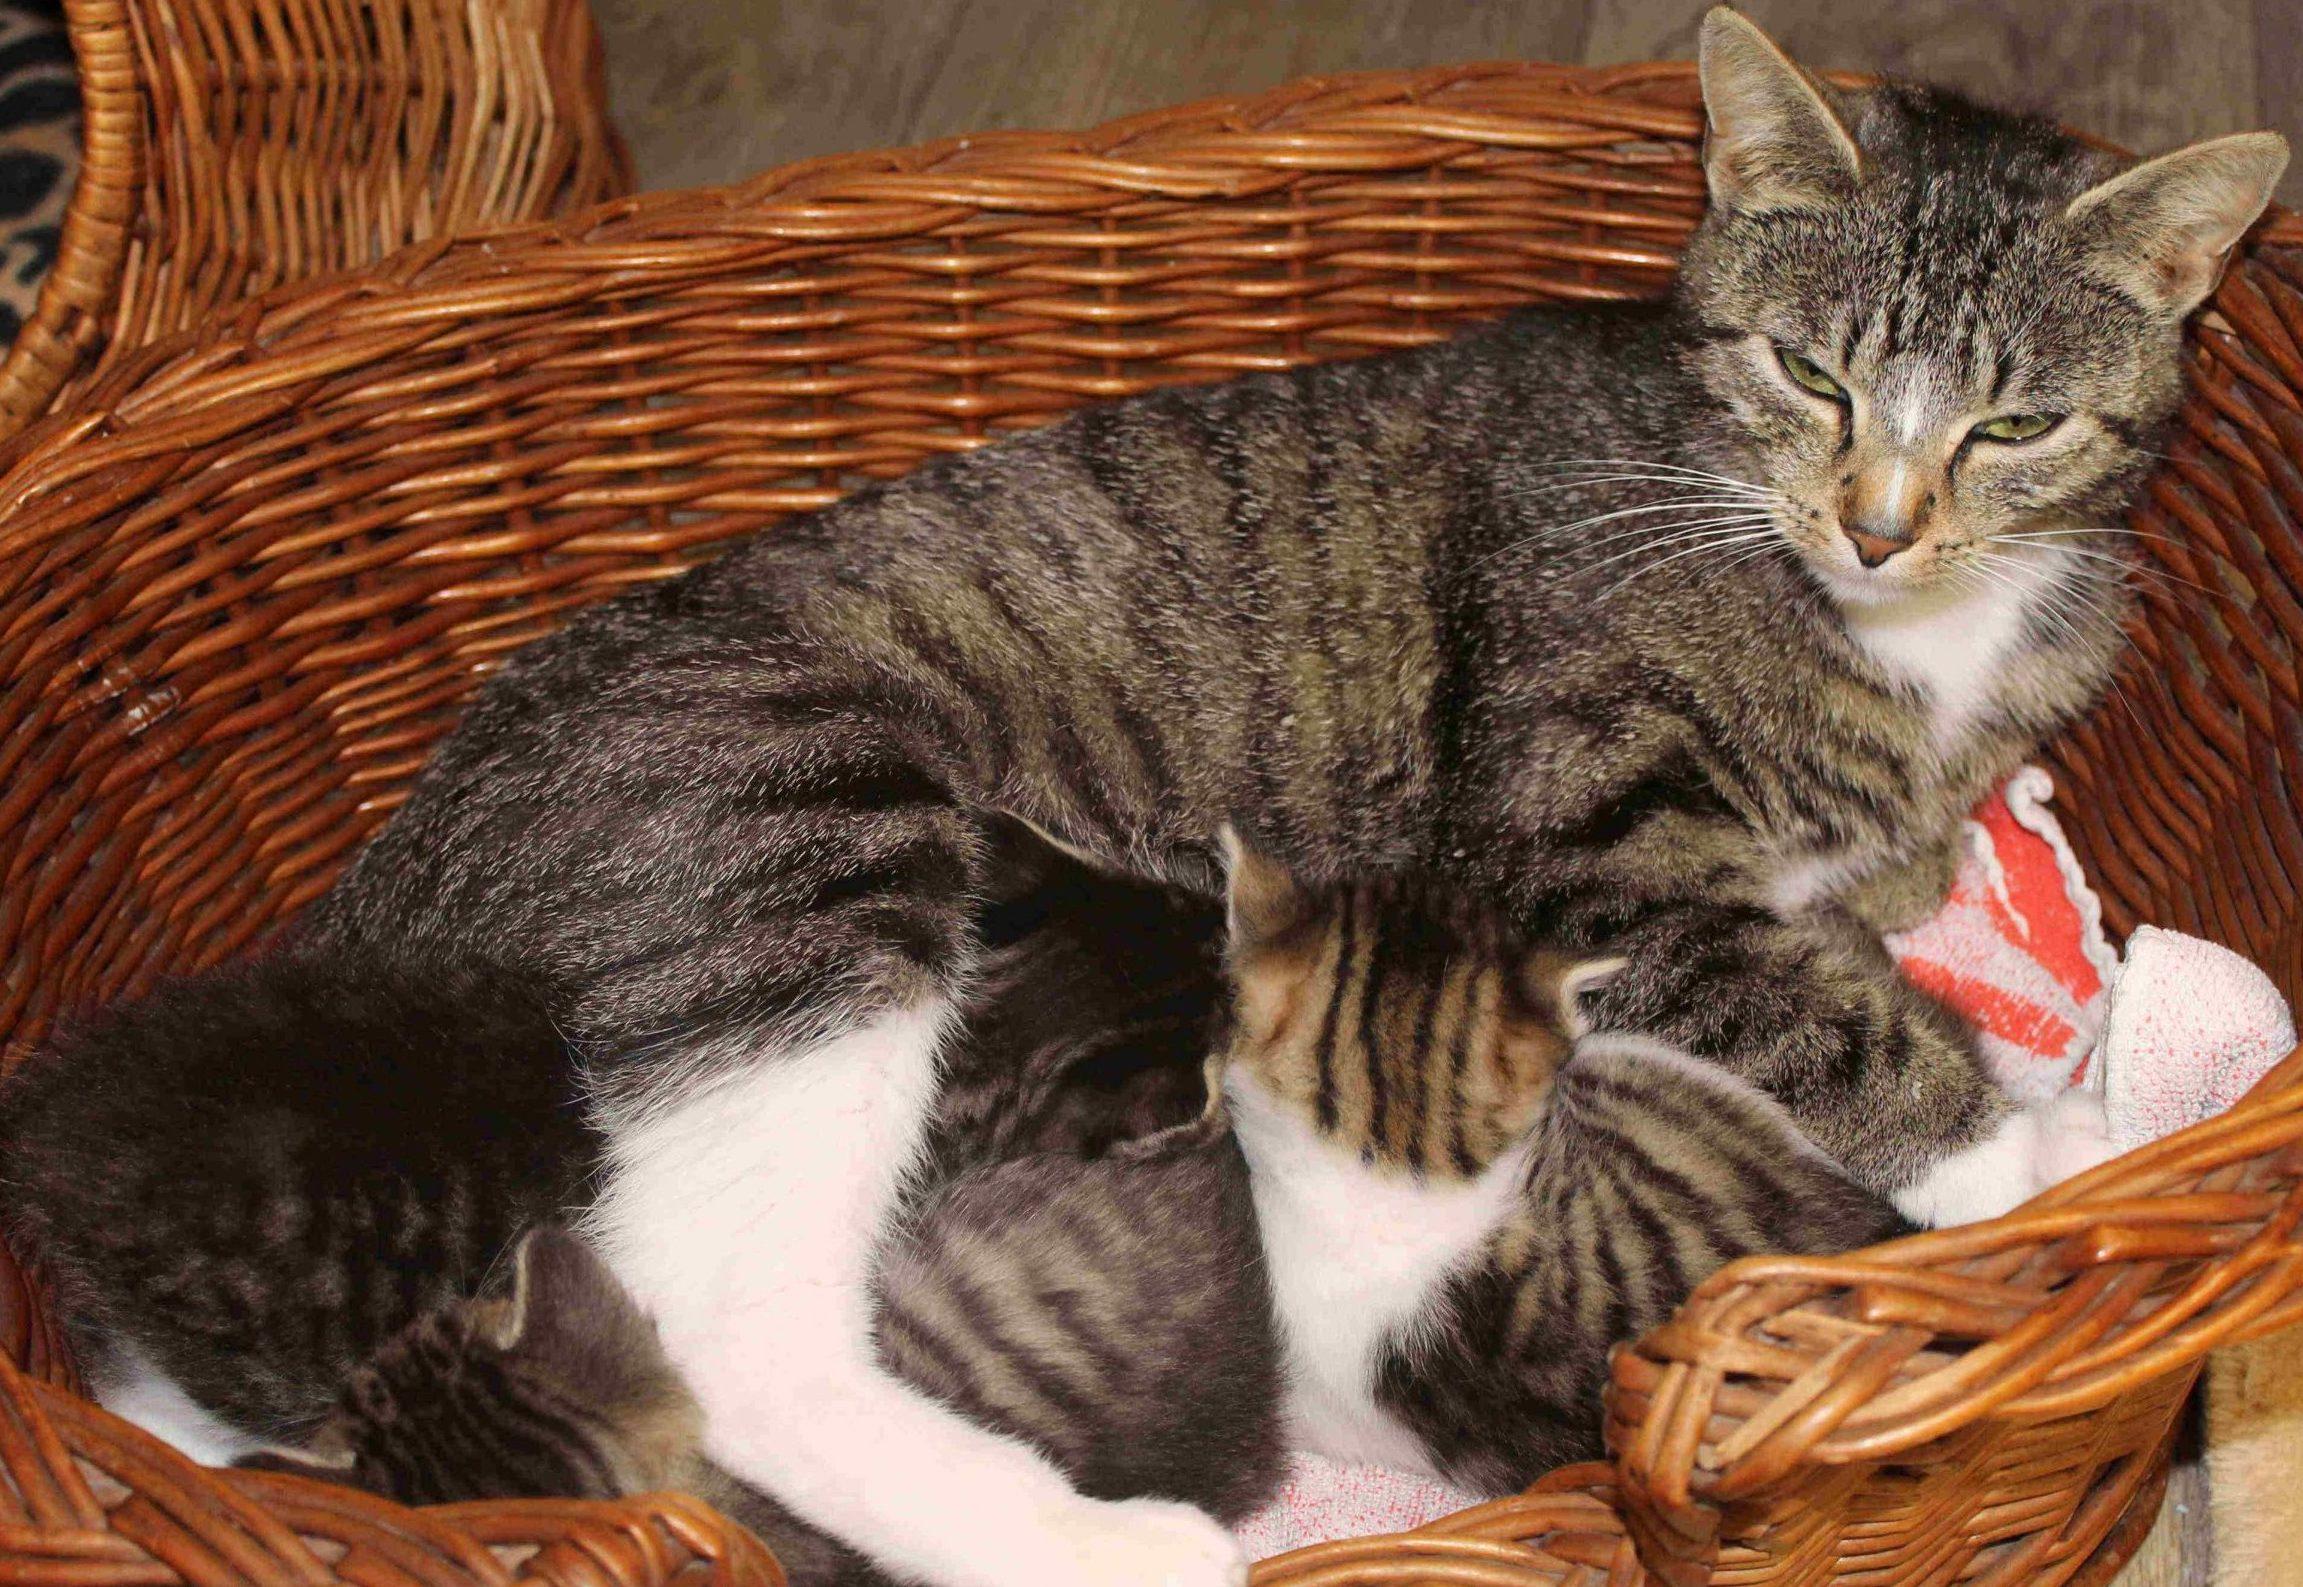 Startbild des Abschnittes über uns eine Mutter mit säugenden Kitten in einem Weidenkorb